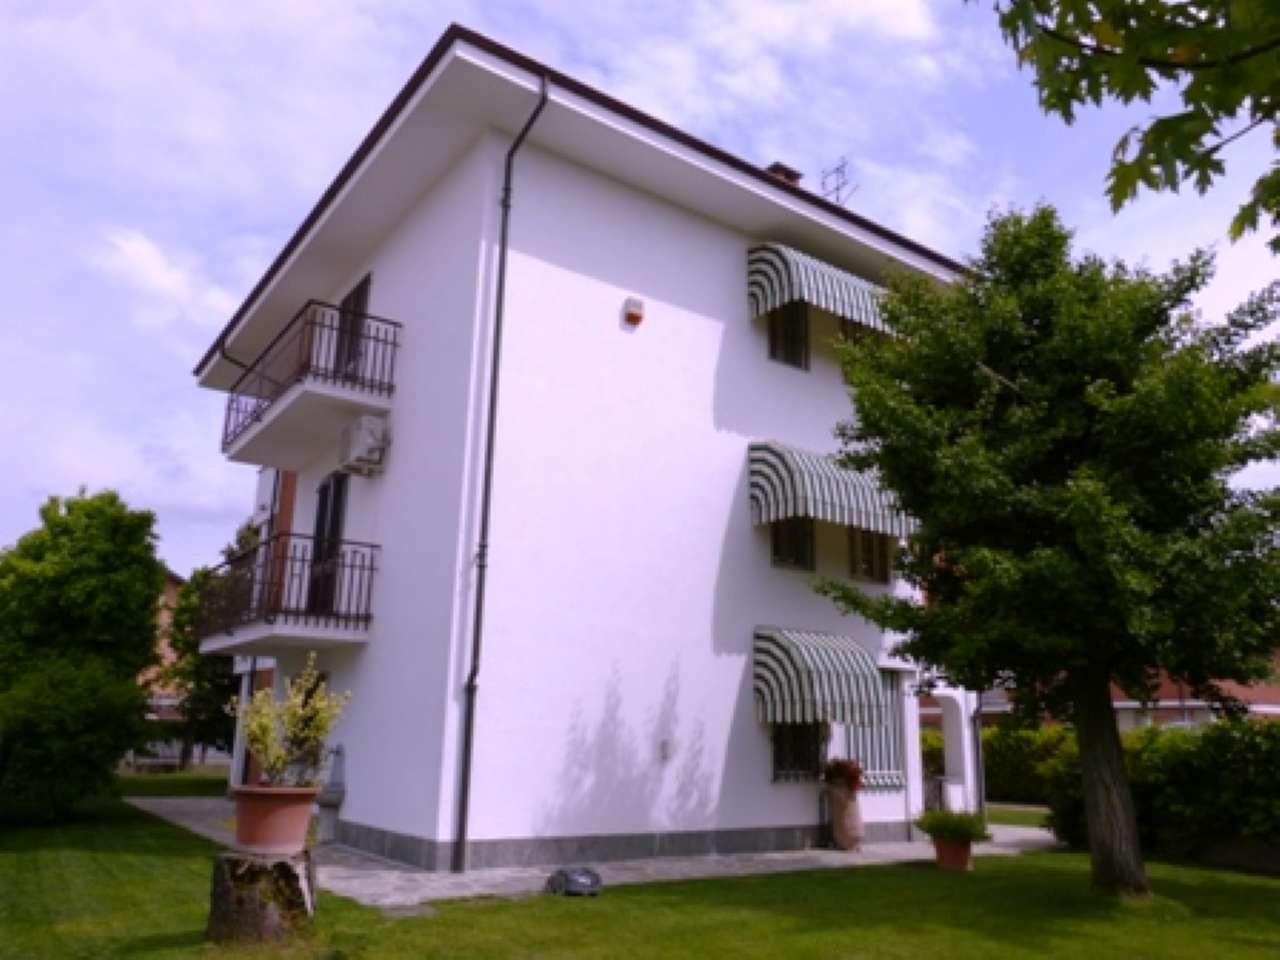 Foto 1 di Casa indipendente Genola